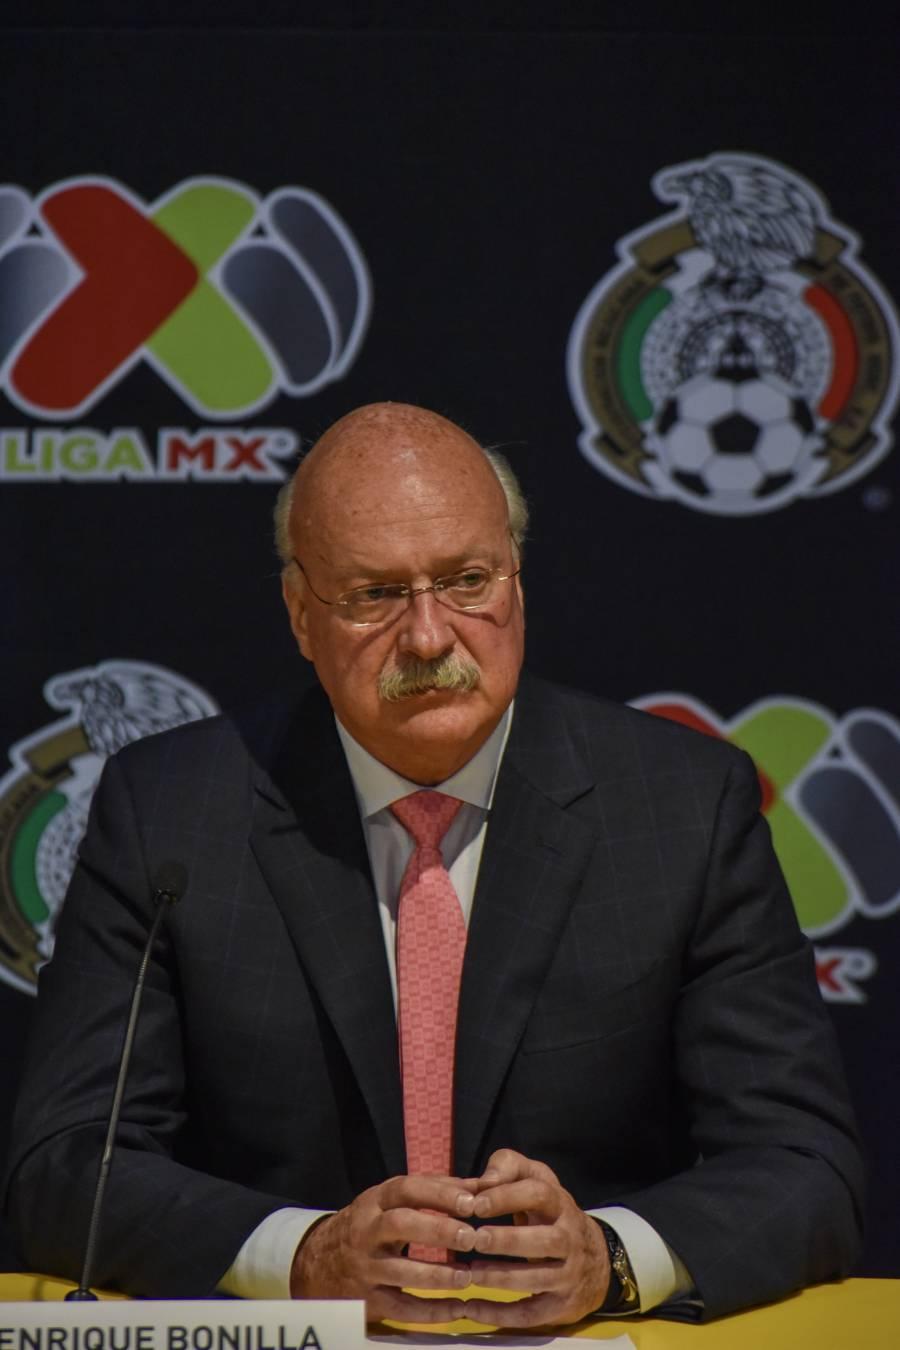 El Veracruz sería desafiliado si no líquida adeudos, asegura Enrique Bonilla